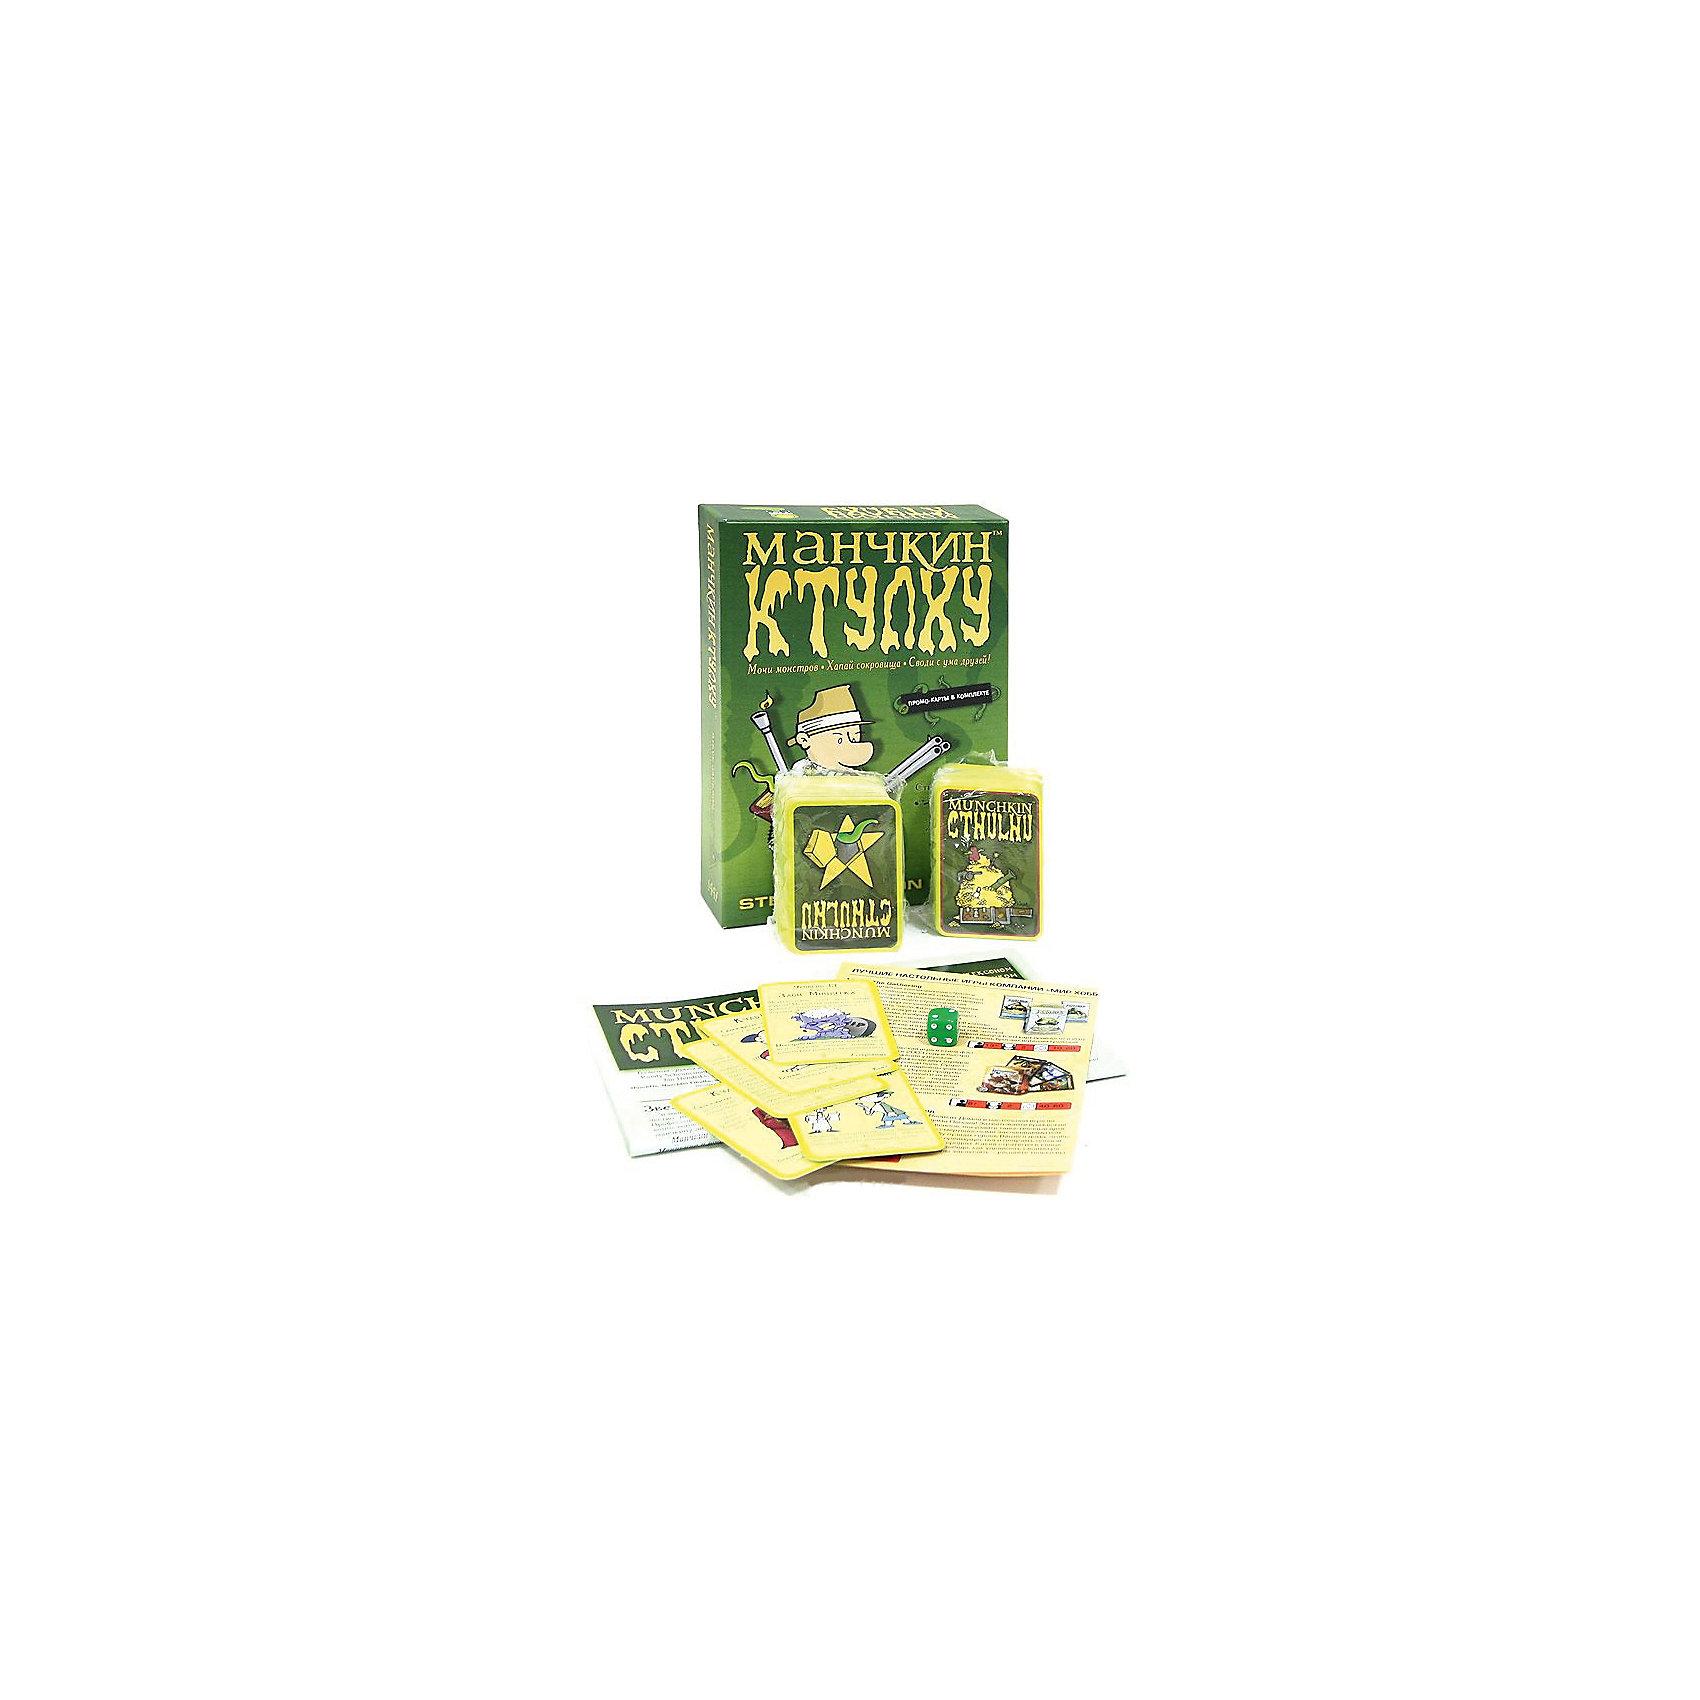 Манчкин Ктулху, Hobby WorldНастольные игры для всей семьи<br>Готов ли ты заглянуть в глаза величайшей опасности? Твои друзья (они же — злобные последователи Ктулху) вышли на охоту за твоей жизнью, твоим рассудком, твоими уровнями! <br><br>Настольная игра «Манчкин Ктулху» - это очередная пародийная карточная игра для 3-6 человек из серии «Манчкин», которая наследует традиции оригинала и вполне сочетается как с ним, так и со всеми прочими карточными играми в серии, но вполне самодостаточна и оригинальна сама по себе. Нам вновь предстоит отправиться всем вместе в приключение, странствовать и открывать двери, сражать монстров и хапать сокровища, не забывая расти до 10-го уровня ураганными темпами. При этом никуда не исчез оригинальный пародийный юмор и фирменные иллюстрации Джона Ковалика.<br>В «Манчкине Ктулху» монстробои, сыщики, профессора и культисты борются с жуткими потусторонними монстрами. Изучите старинный Некрогномикон и узнайте, можно ли одолеть Кваггота, как победить Невыговариваемое Зло и легко ли противостоять мозгоразрушительному обаянию Чибитулху. <br><br>Безумие — ничто. Победа — всё!<br><br>Ширина мм: 157<br>Глубина мм: 235<br>Высота мм: 50<br>Вес г: 450<br>Возраст от месяцев: 120<br>Возраст до месяцев: 1188<br>Пол: Унисекс<br>Возраст: Детский<br>SKU: 3202201